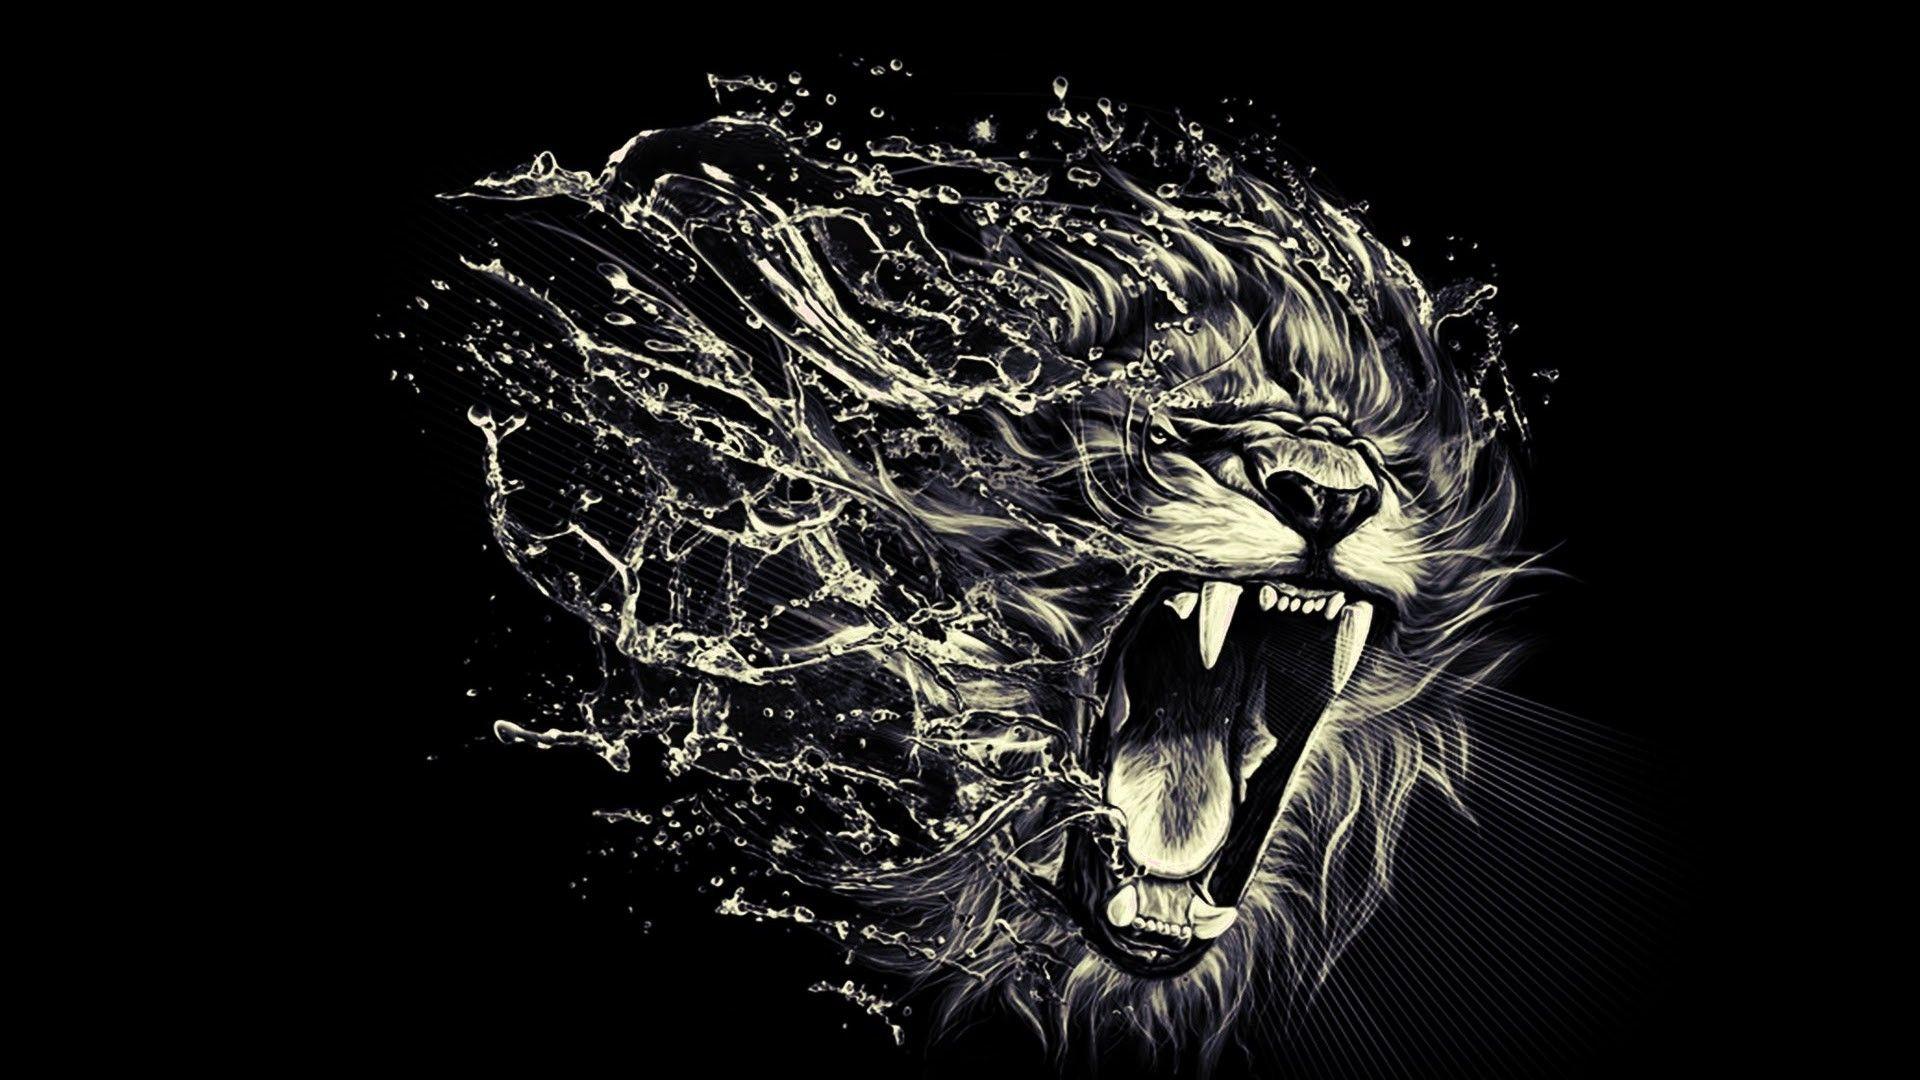 Hình nền mặt sư tử